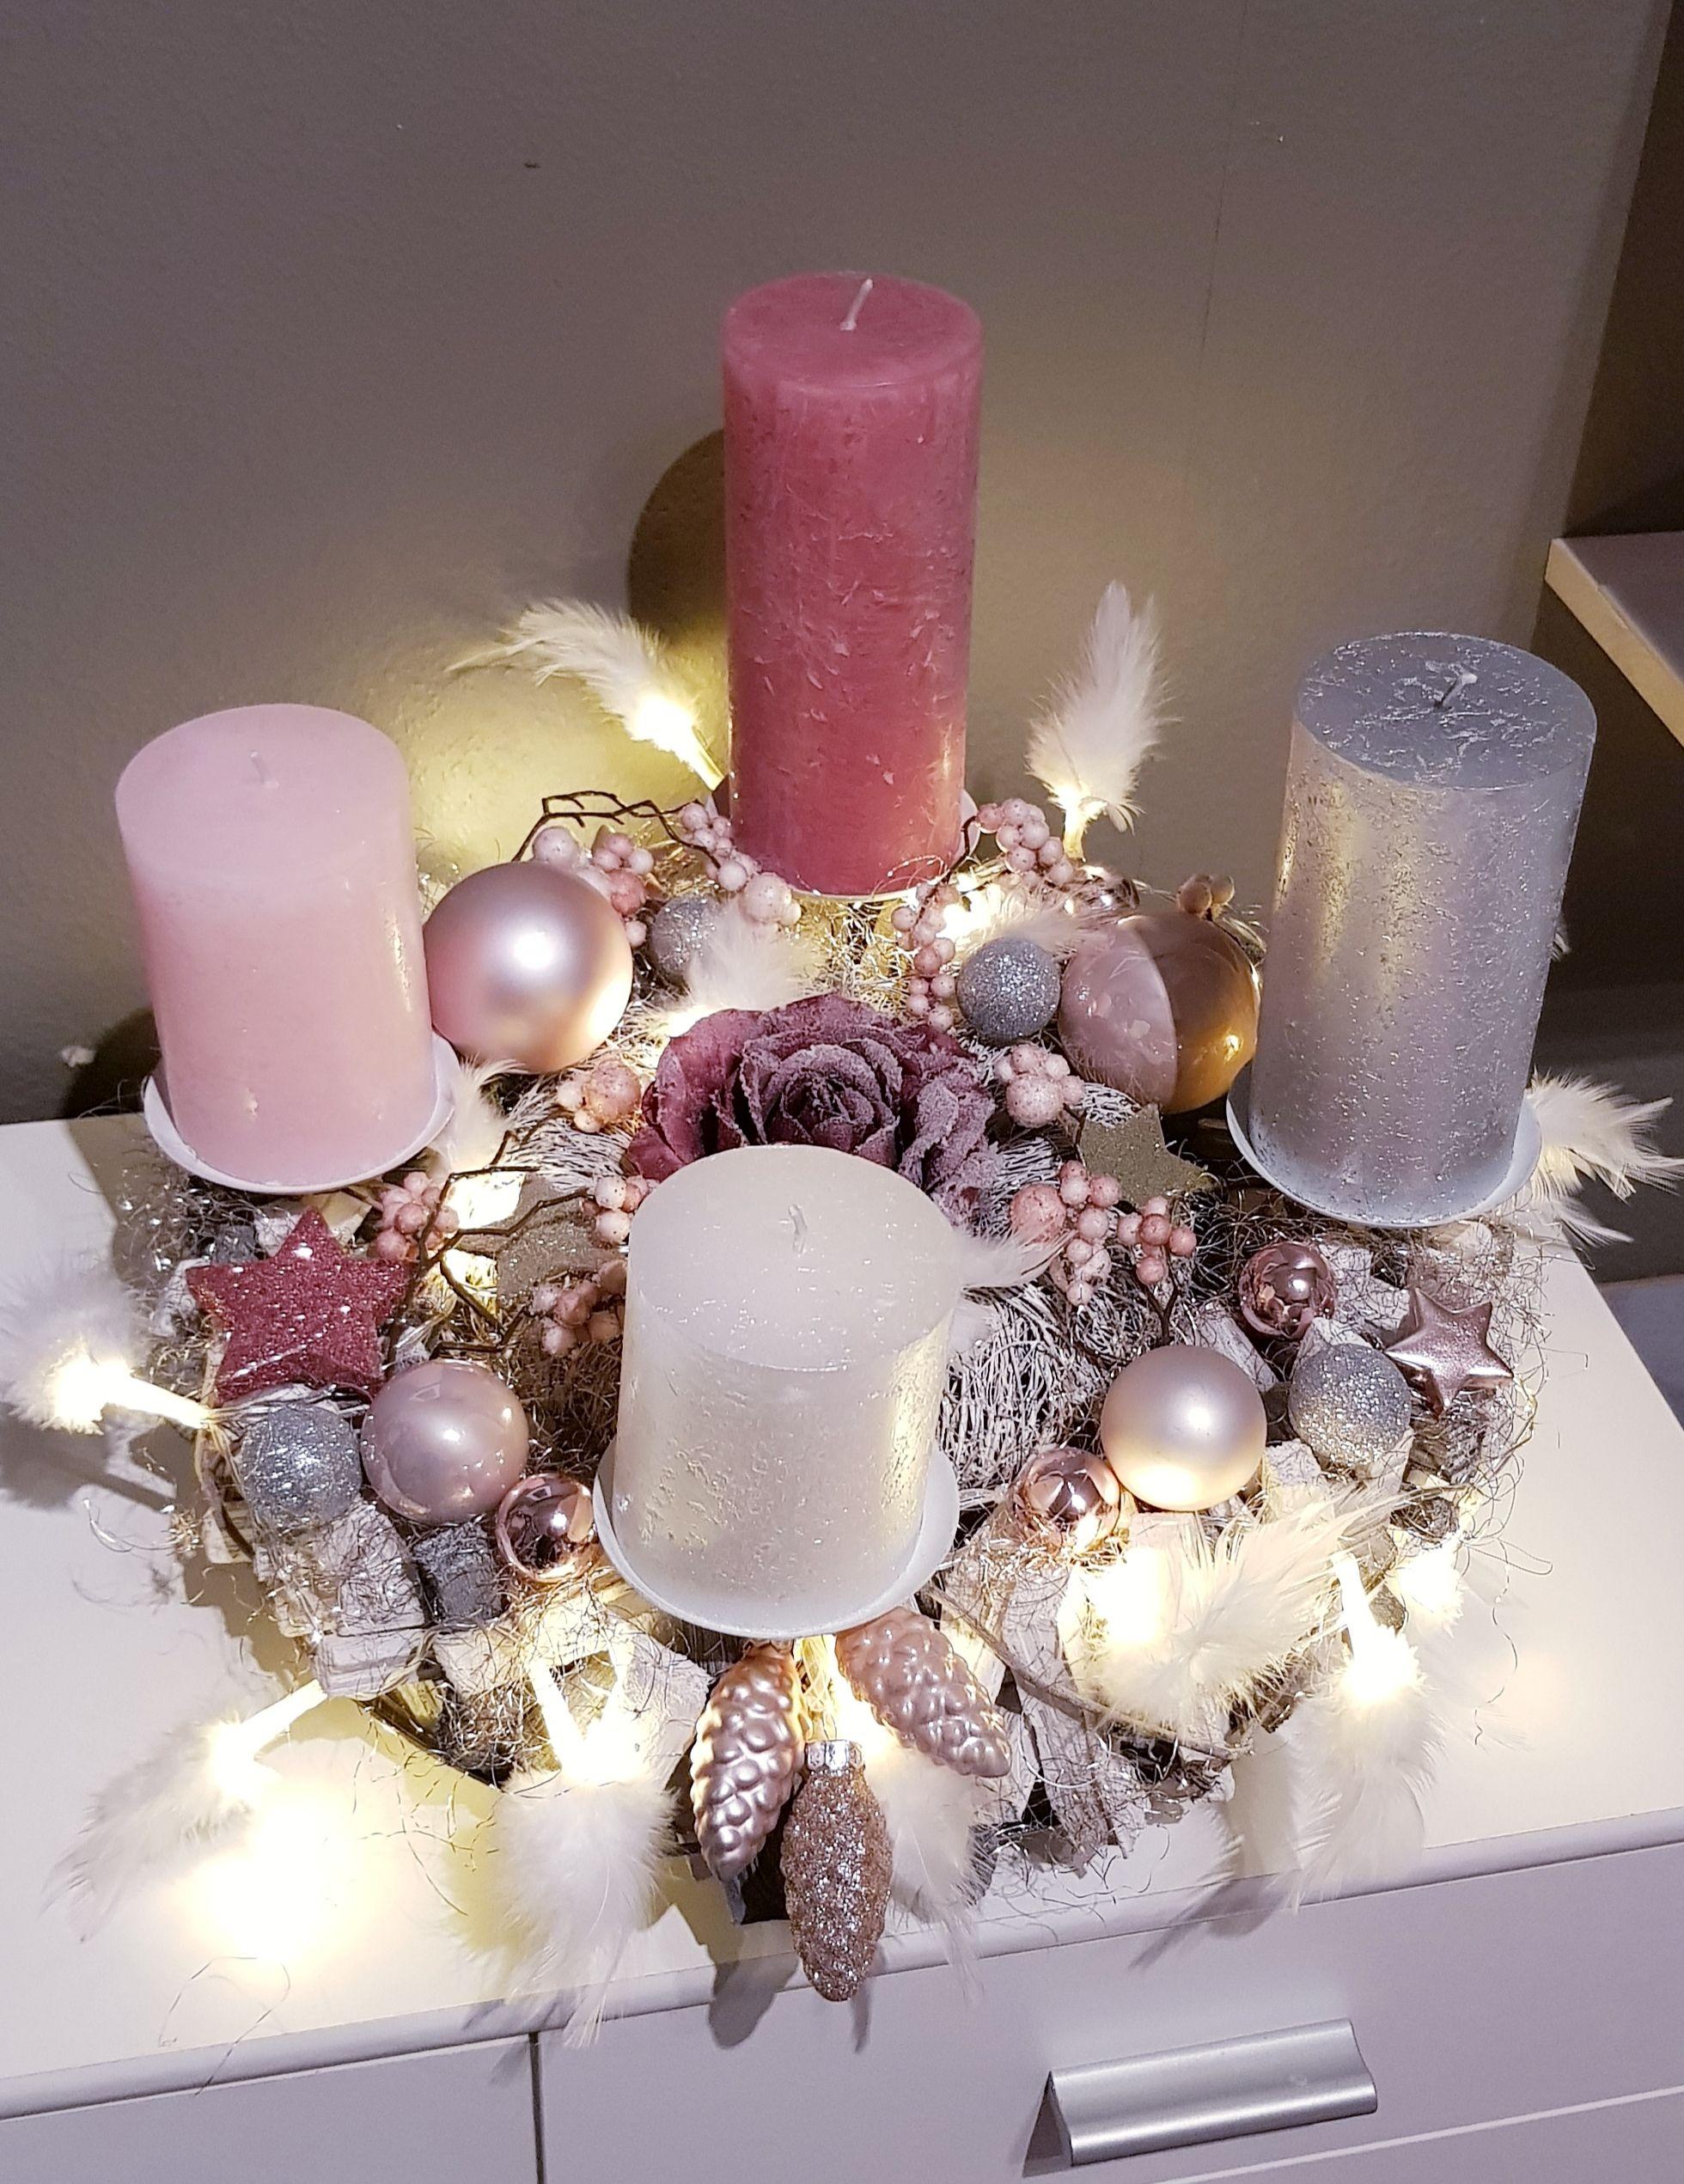 Adventsgesteck In Altrosa Rosa Und Silber Adventsgesteck Weihnachtsdeko Weihnachten